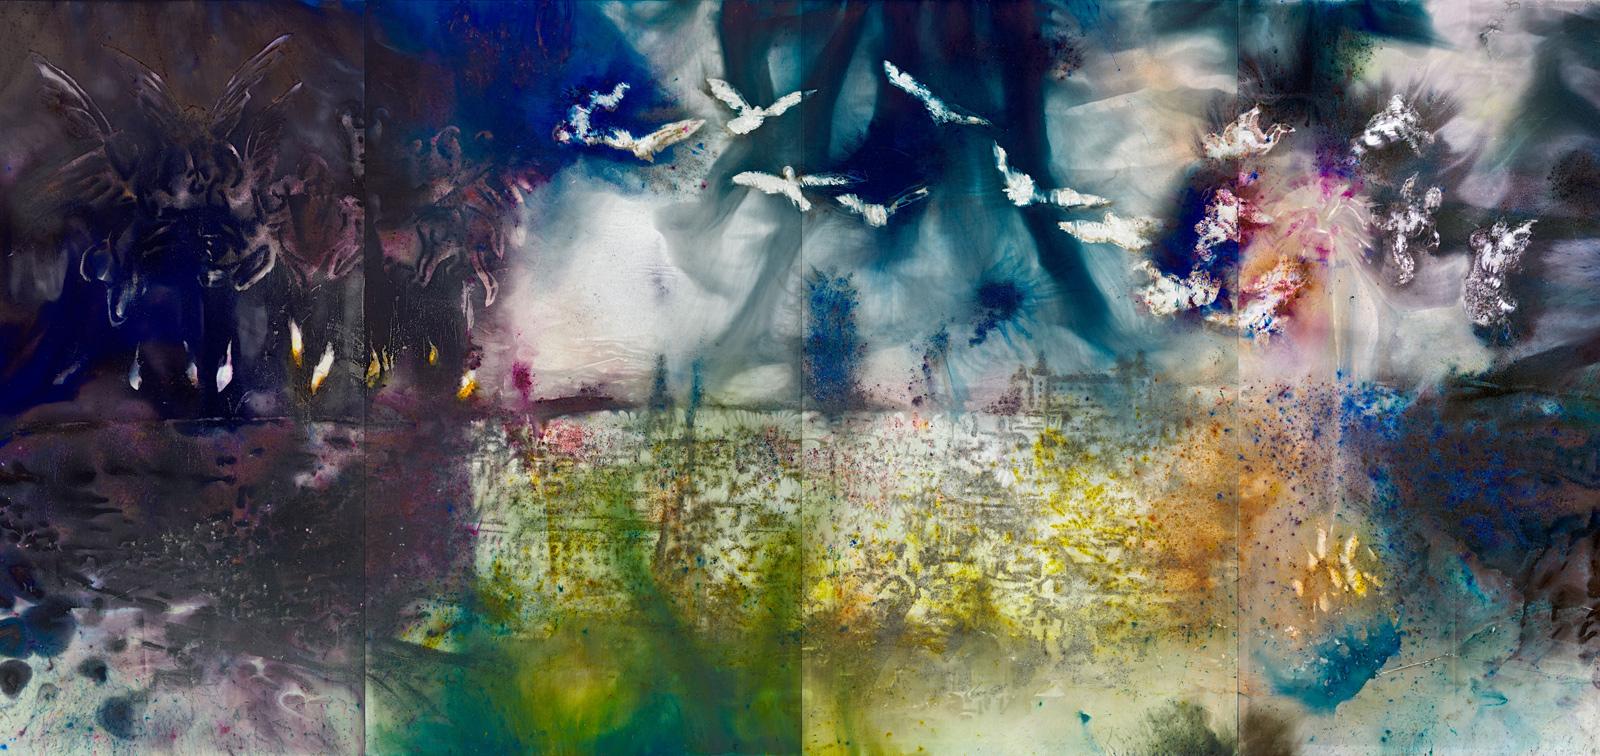 El espíritu de la pintura. Cai Guo-Qiang en el Prado